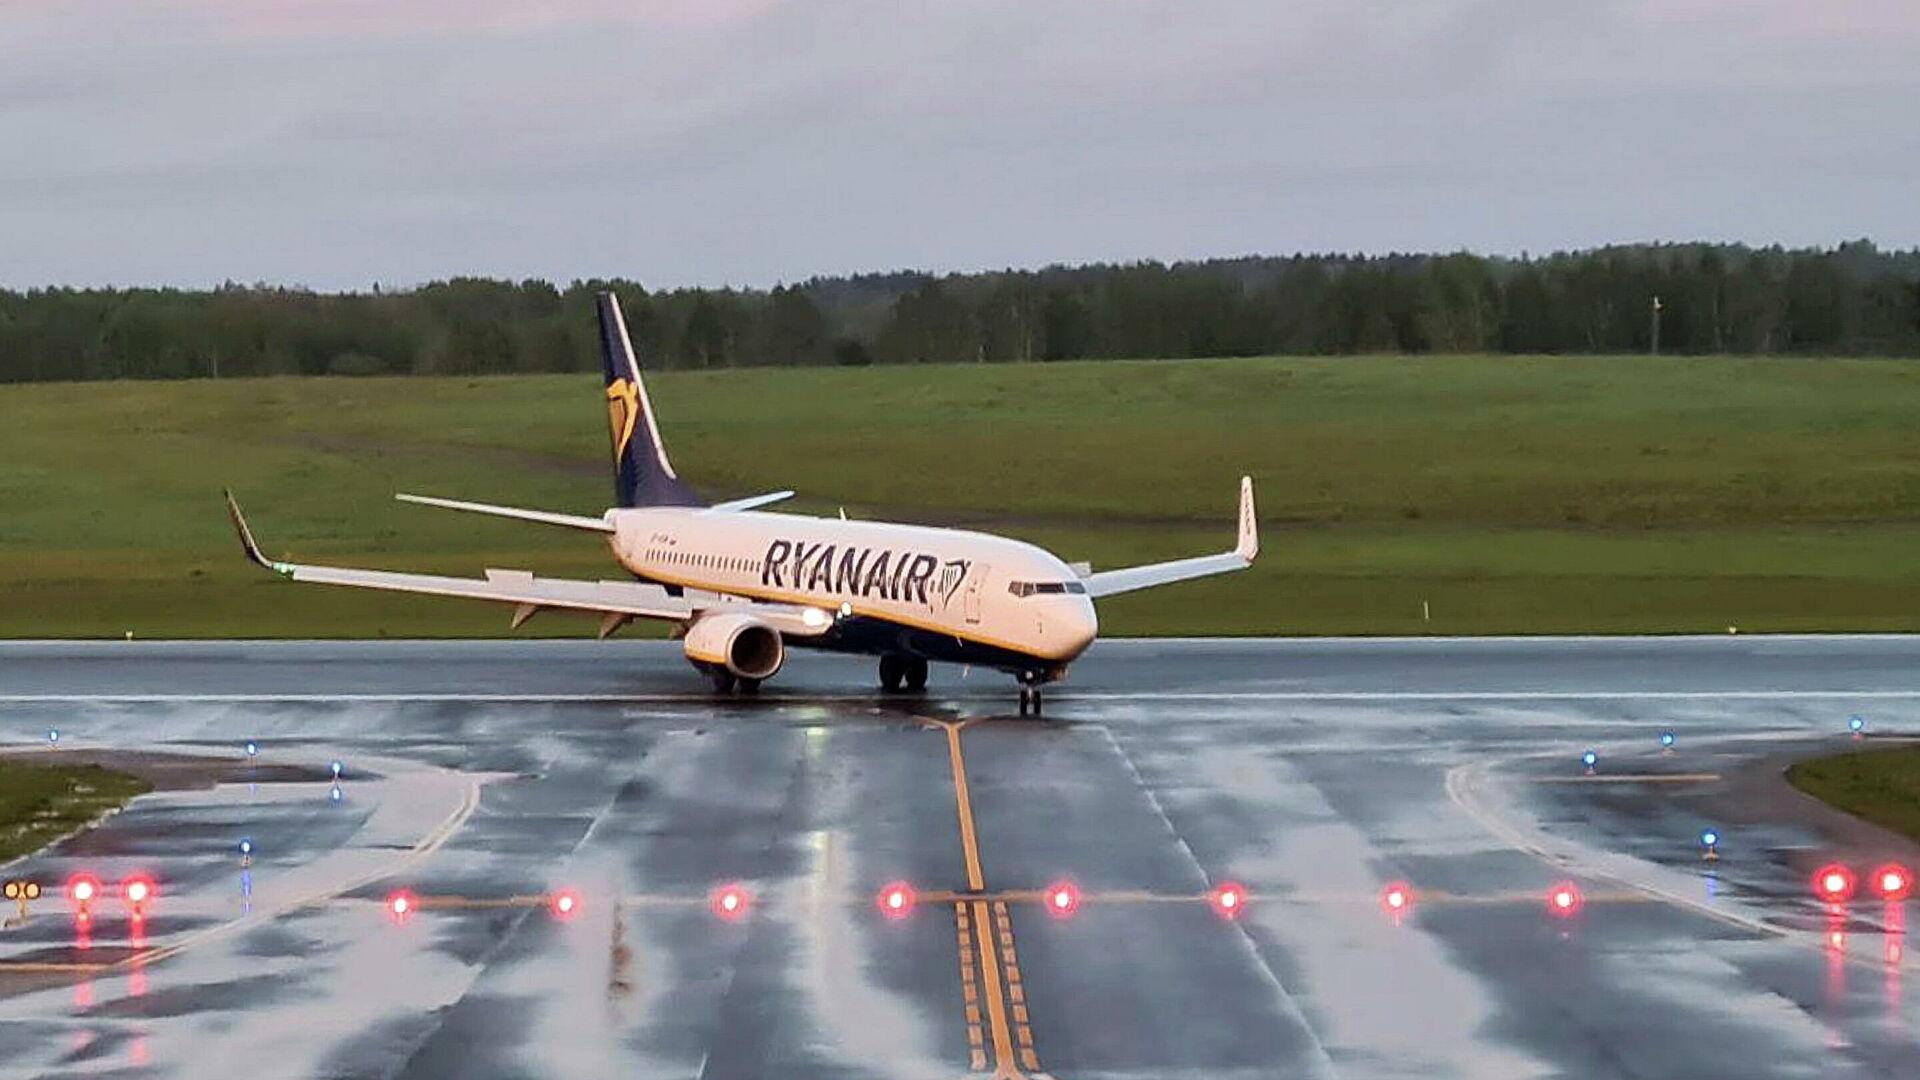 В Греции прокомментировали сообщения об угрозе самолету Ryanair